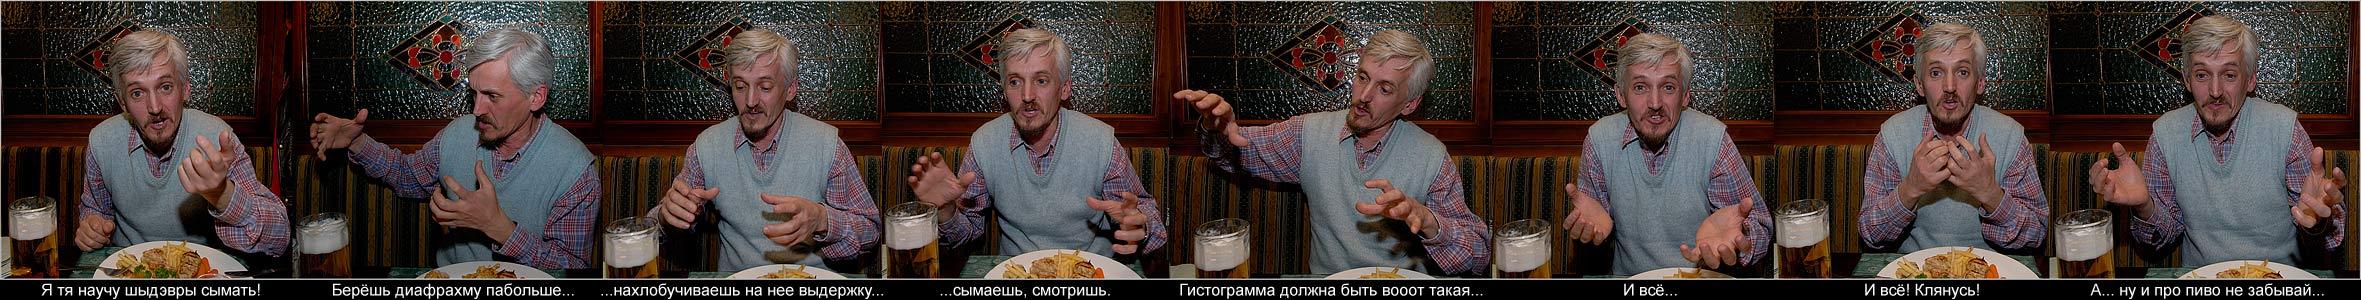 Более крупный вариант картинки в более приличном качестве (800 кб) можно посмотреть здесь: http://photos.streamphoto.ru/0/d/1/17c08c74fcc07f73aaa80ed8dd9931d0.jpg